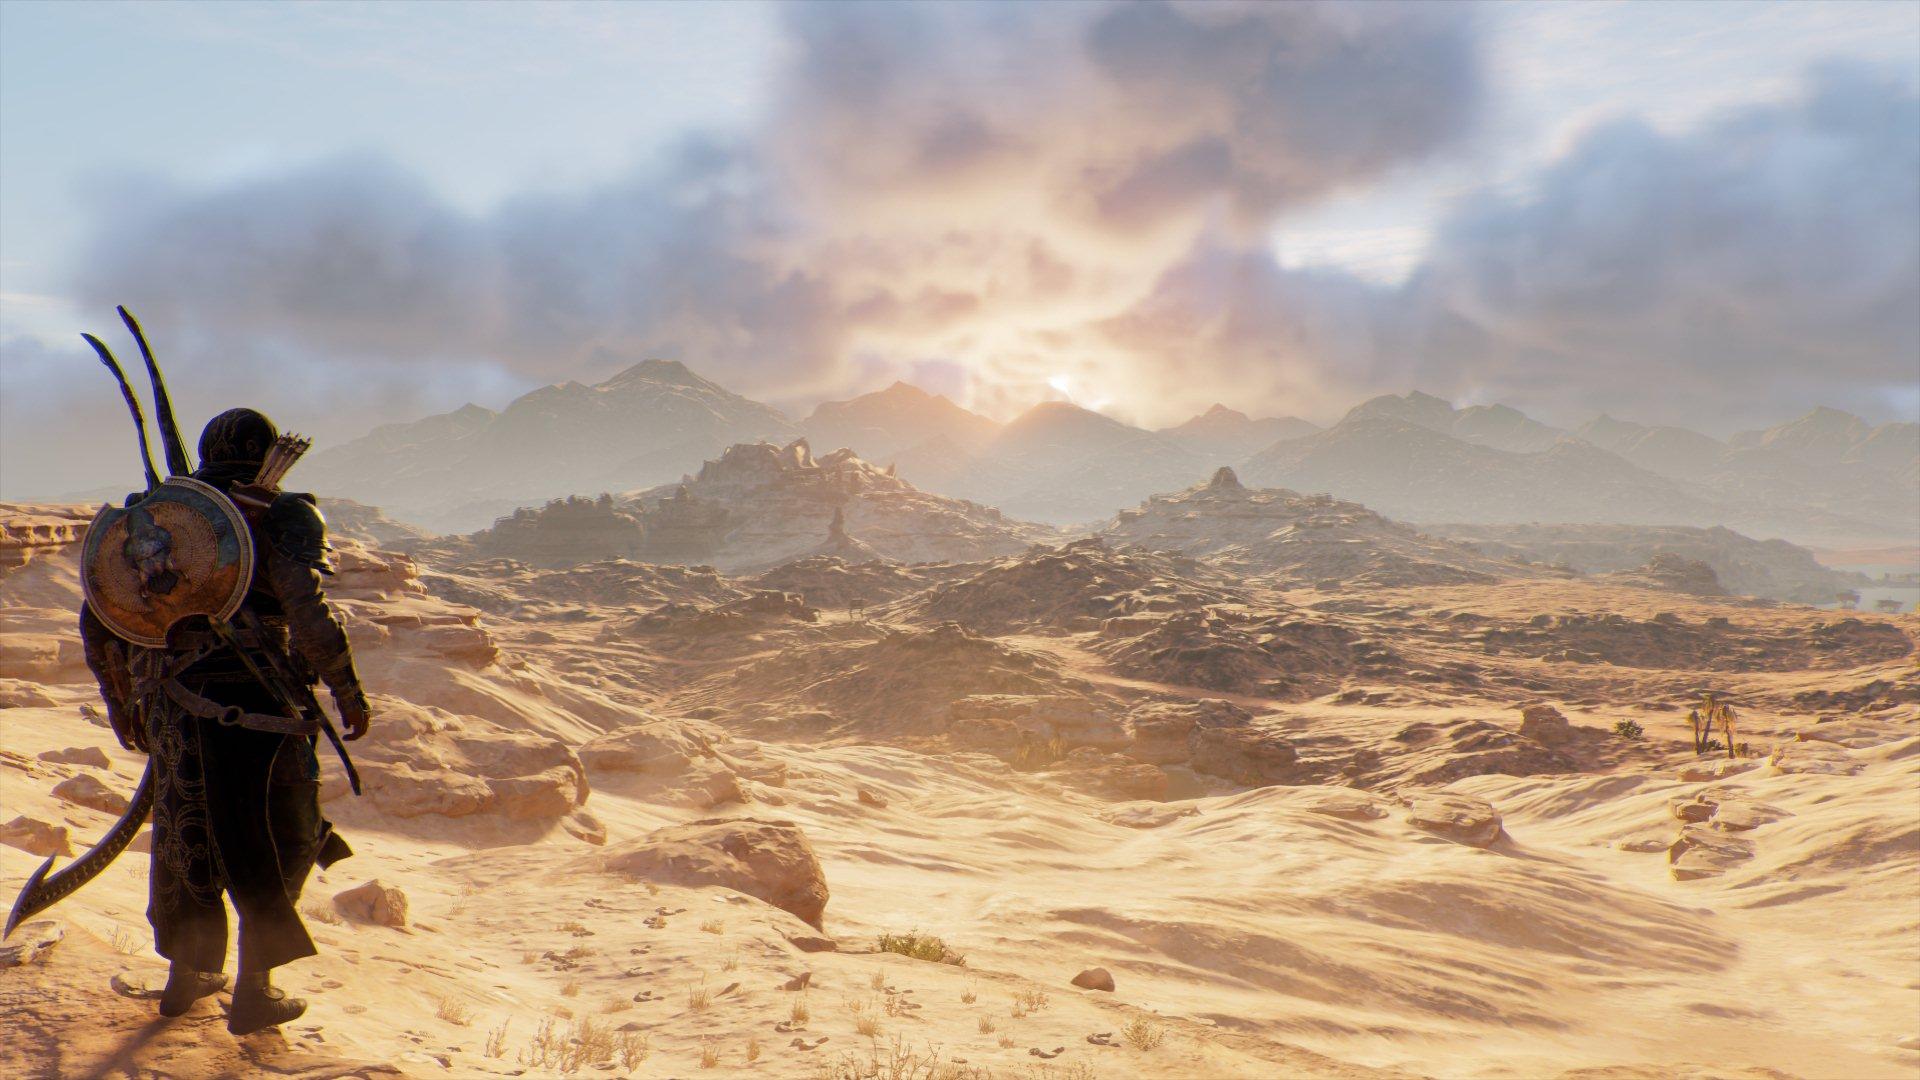 20180219173114.jpg - Assassin's Creed: Origins